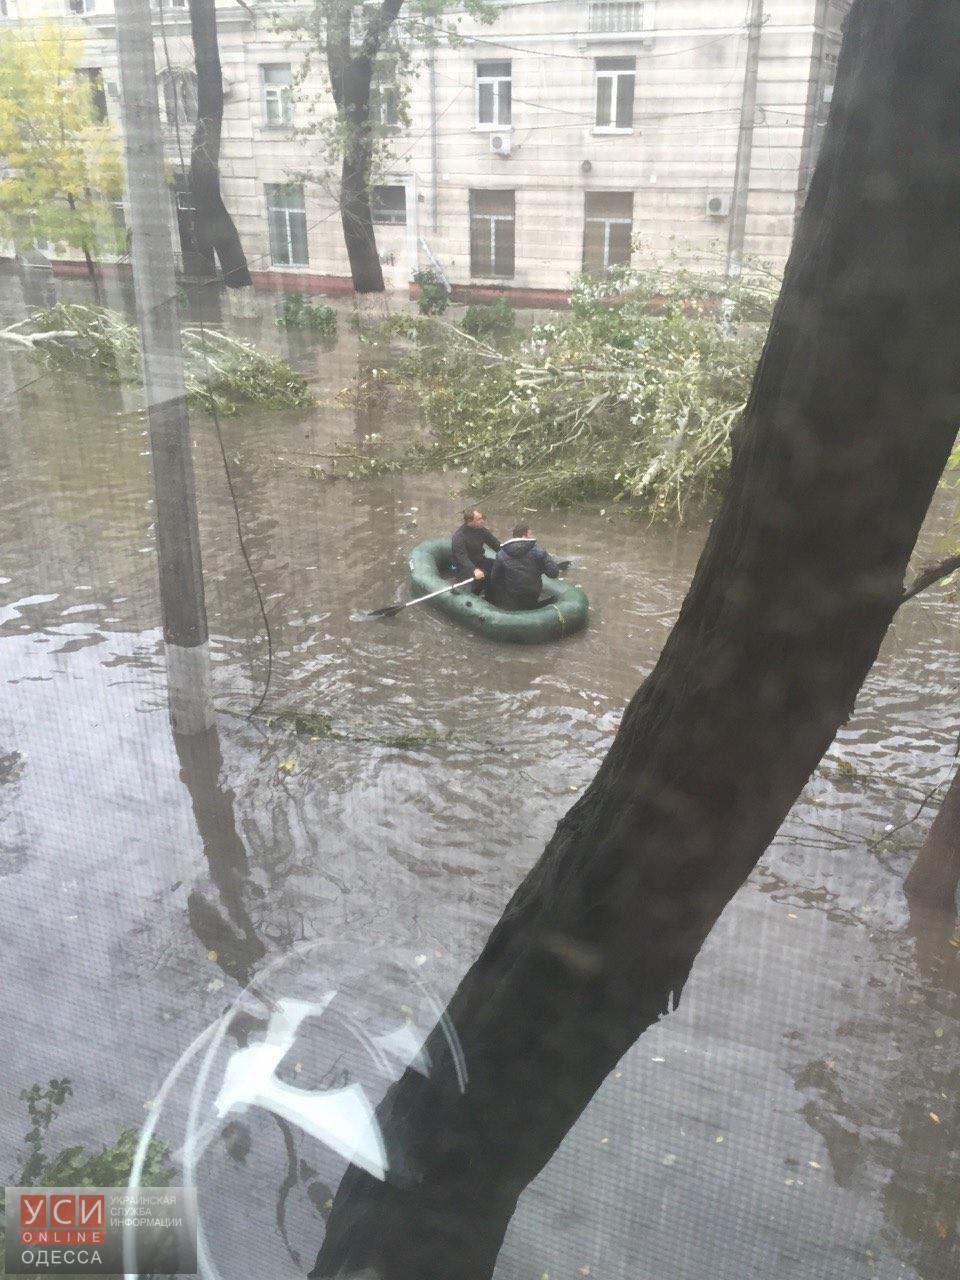 Из-за непогоды на улицах Одессы появился нетрадиционный вид транспорта 3